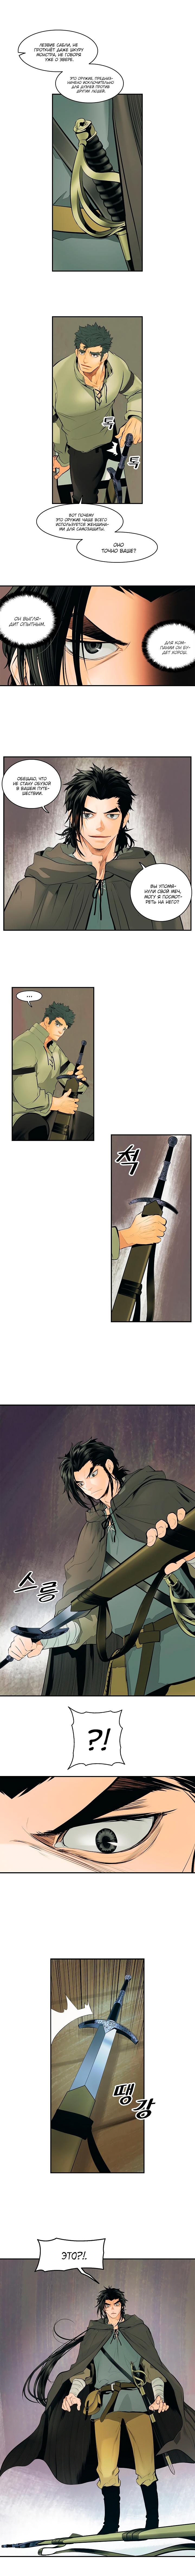 https://r2.ninemanga.com/comics/pic5/38/38630/1468359/156457858691.png Page 4